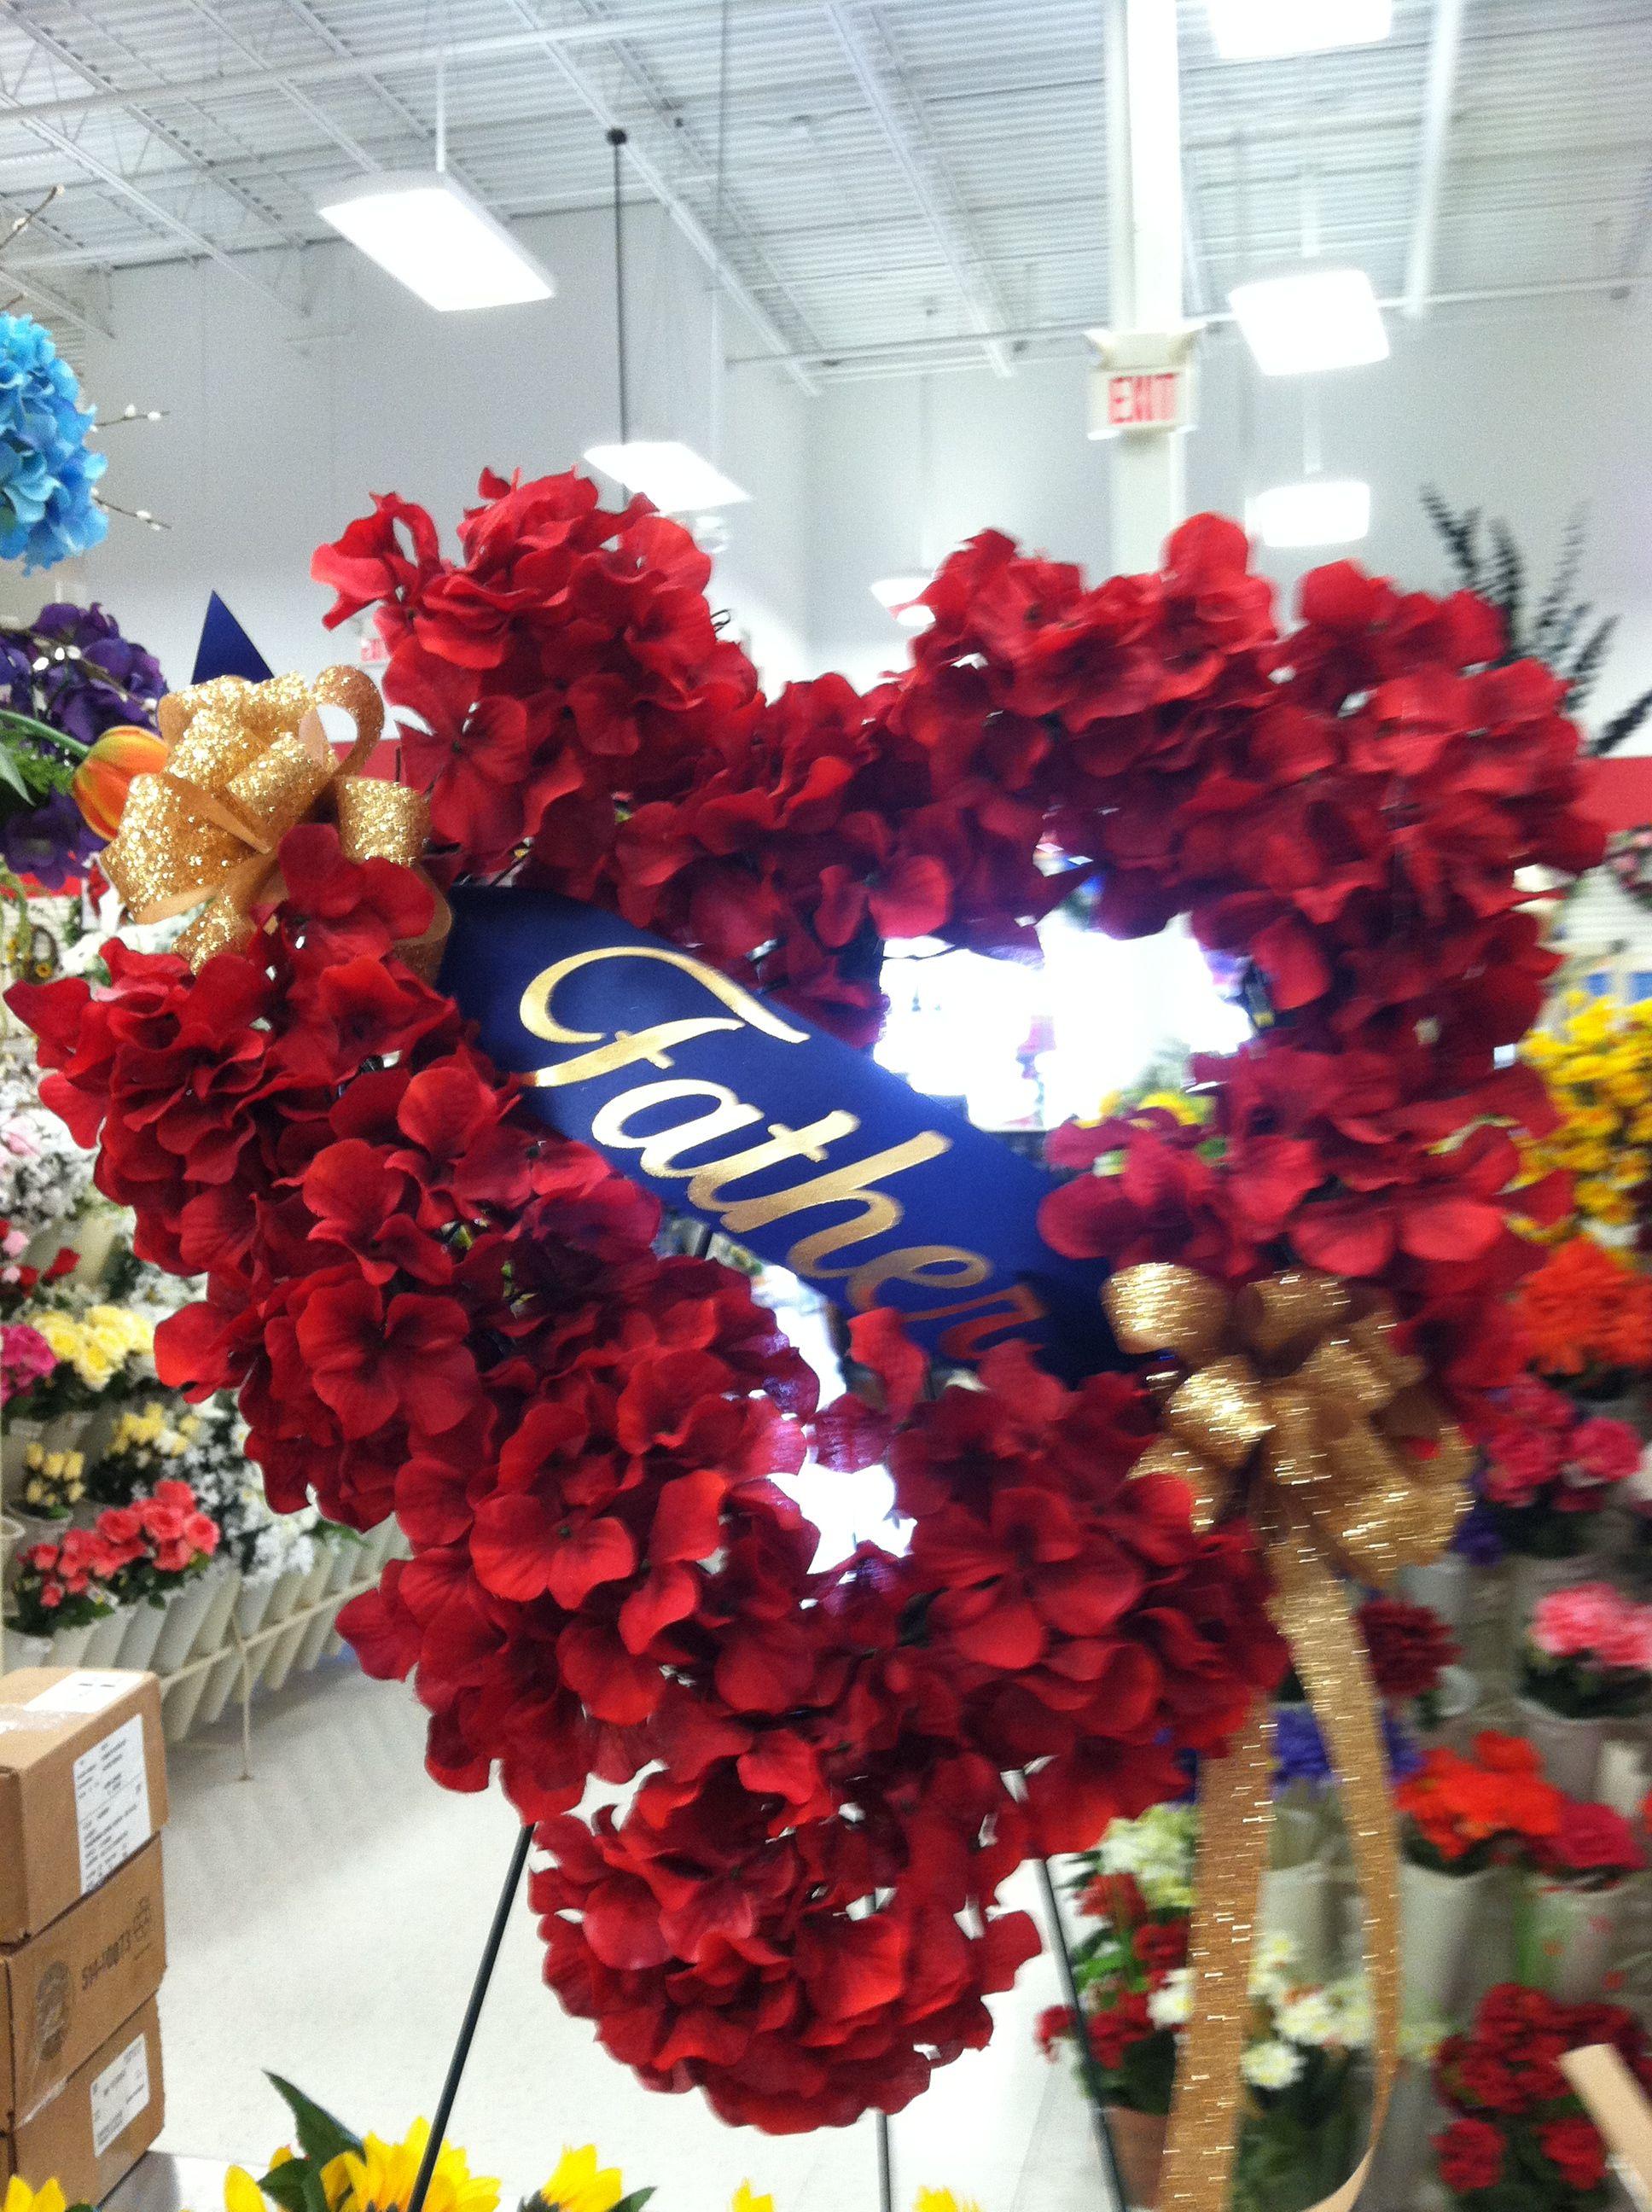 Fatherus day heart wreath holidaysmothersfathers day pinterest